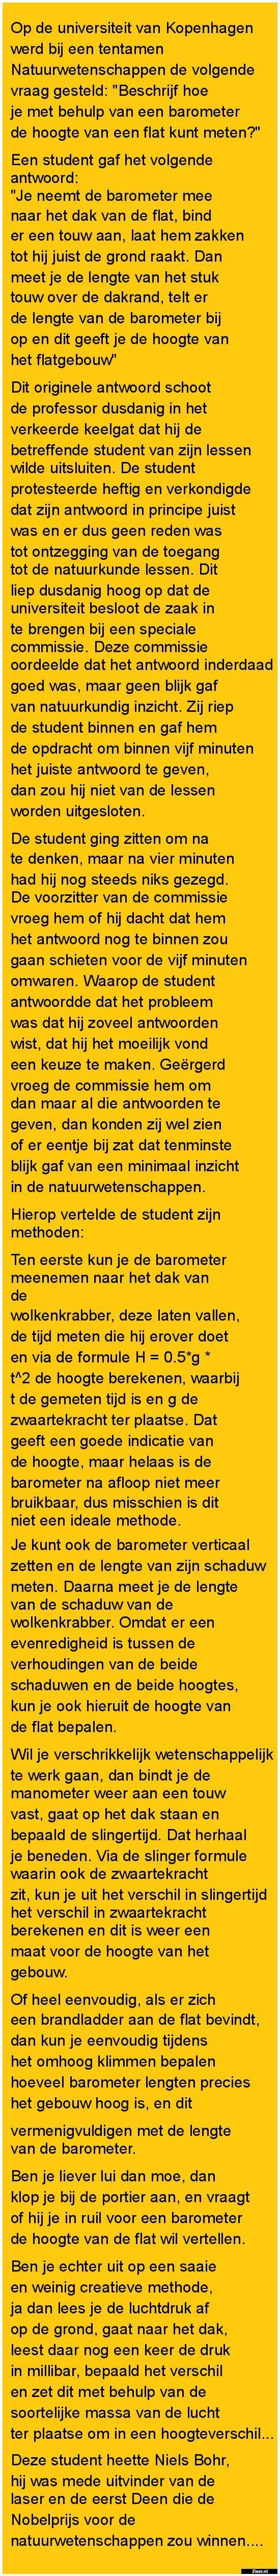 http://zieer.nl/90/Op-de-universiteit